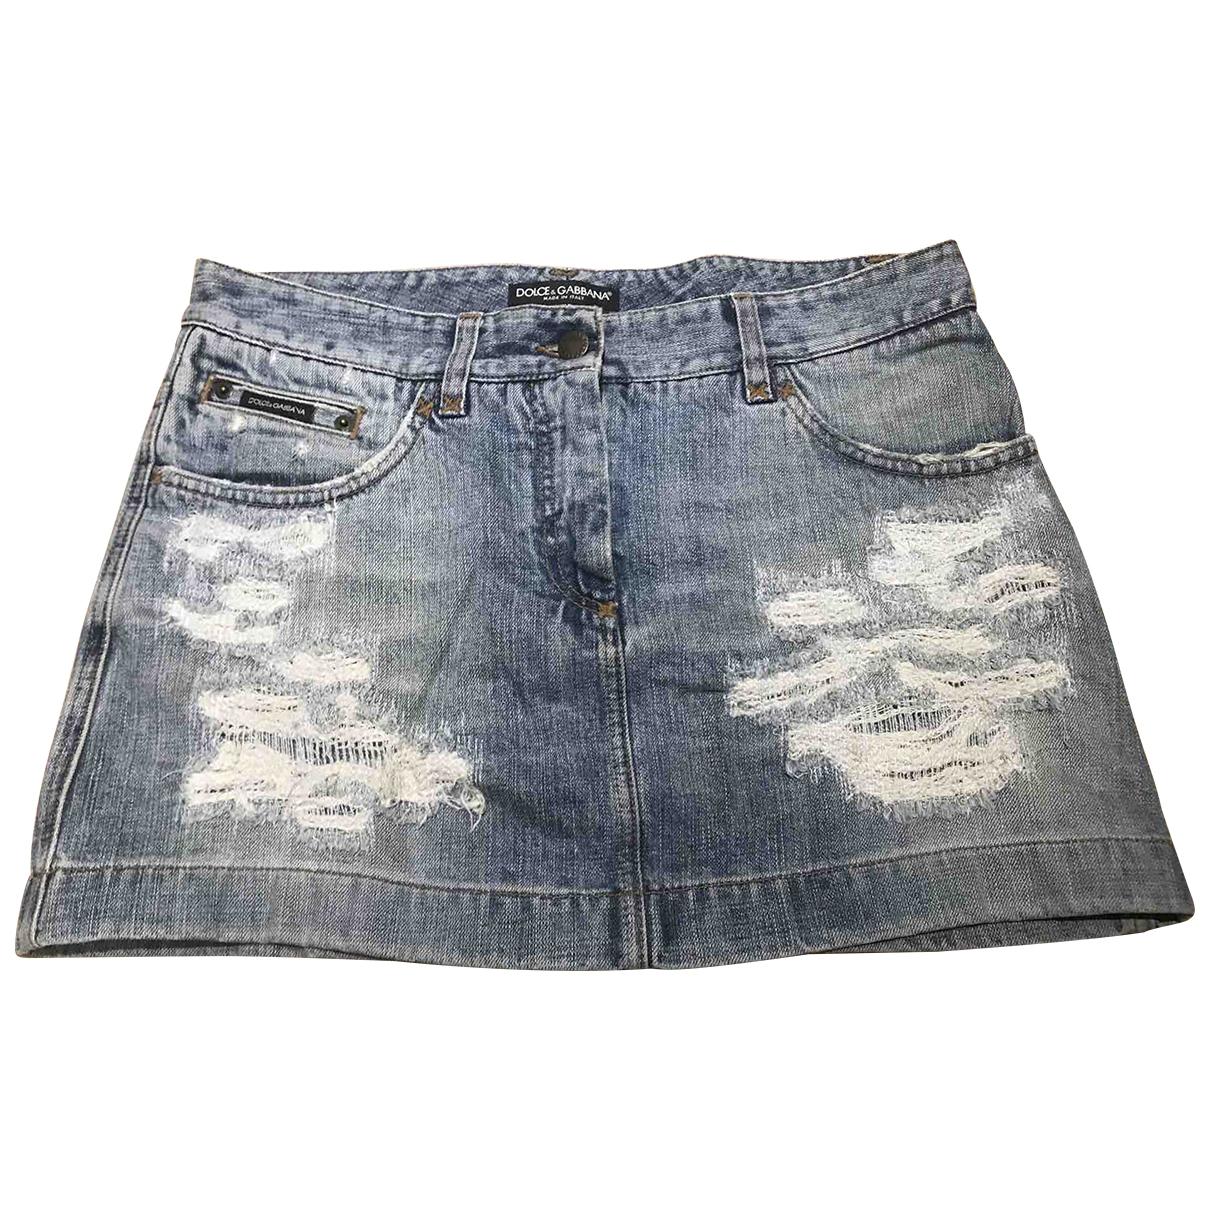 Dolce & Gabbana \N Blue Denim - Jeans skirt for Women 44 IT